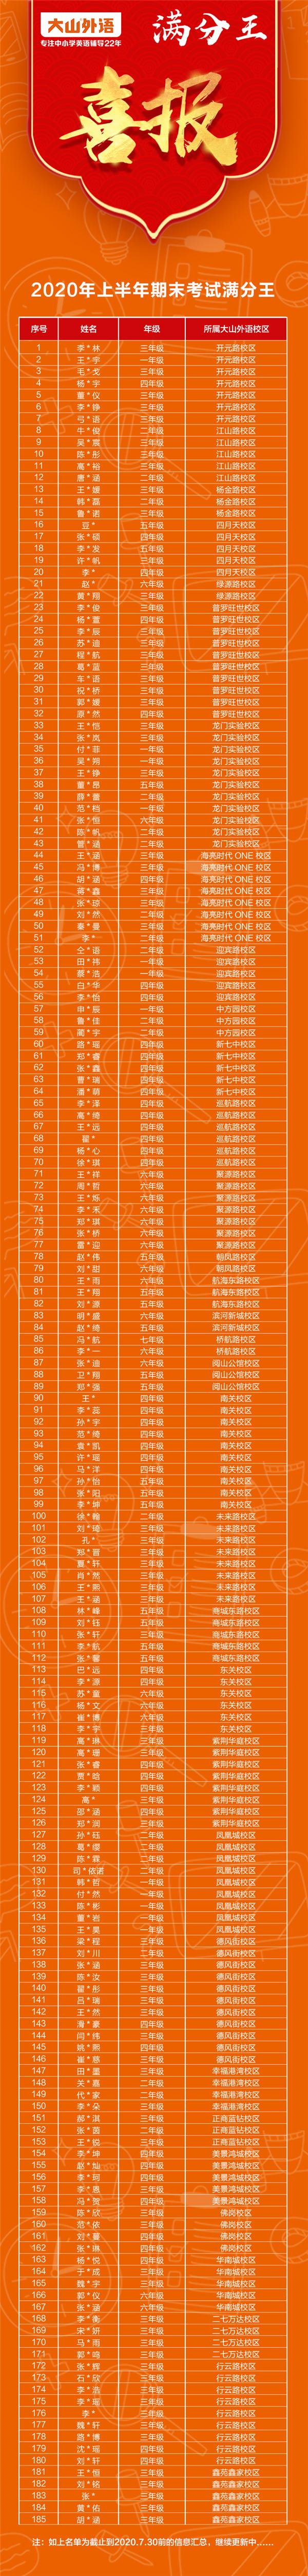 """大山外语首批期末""""满分王""""""""提分王""""名单公布,1450人!实力藏不住!"""